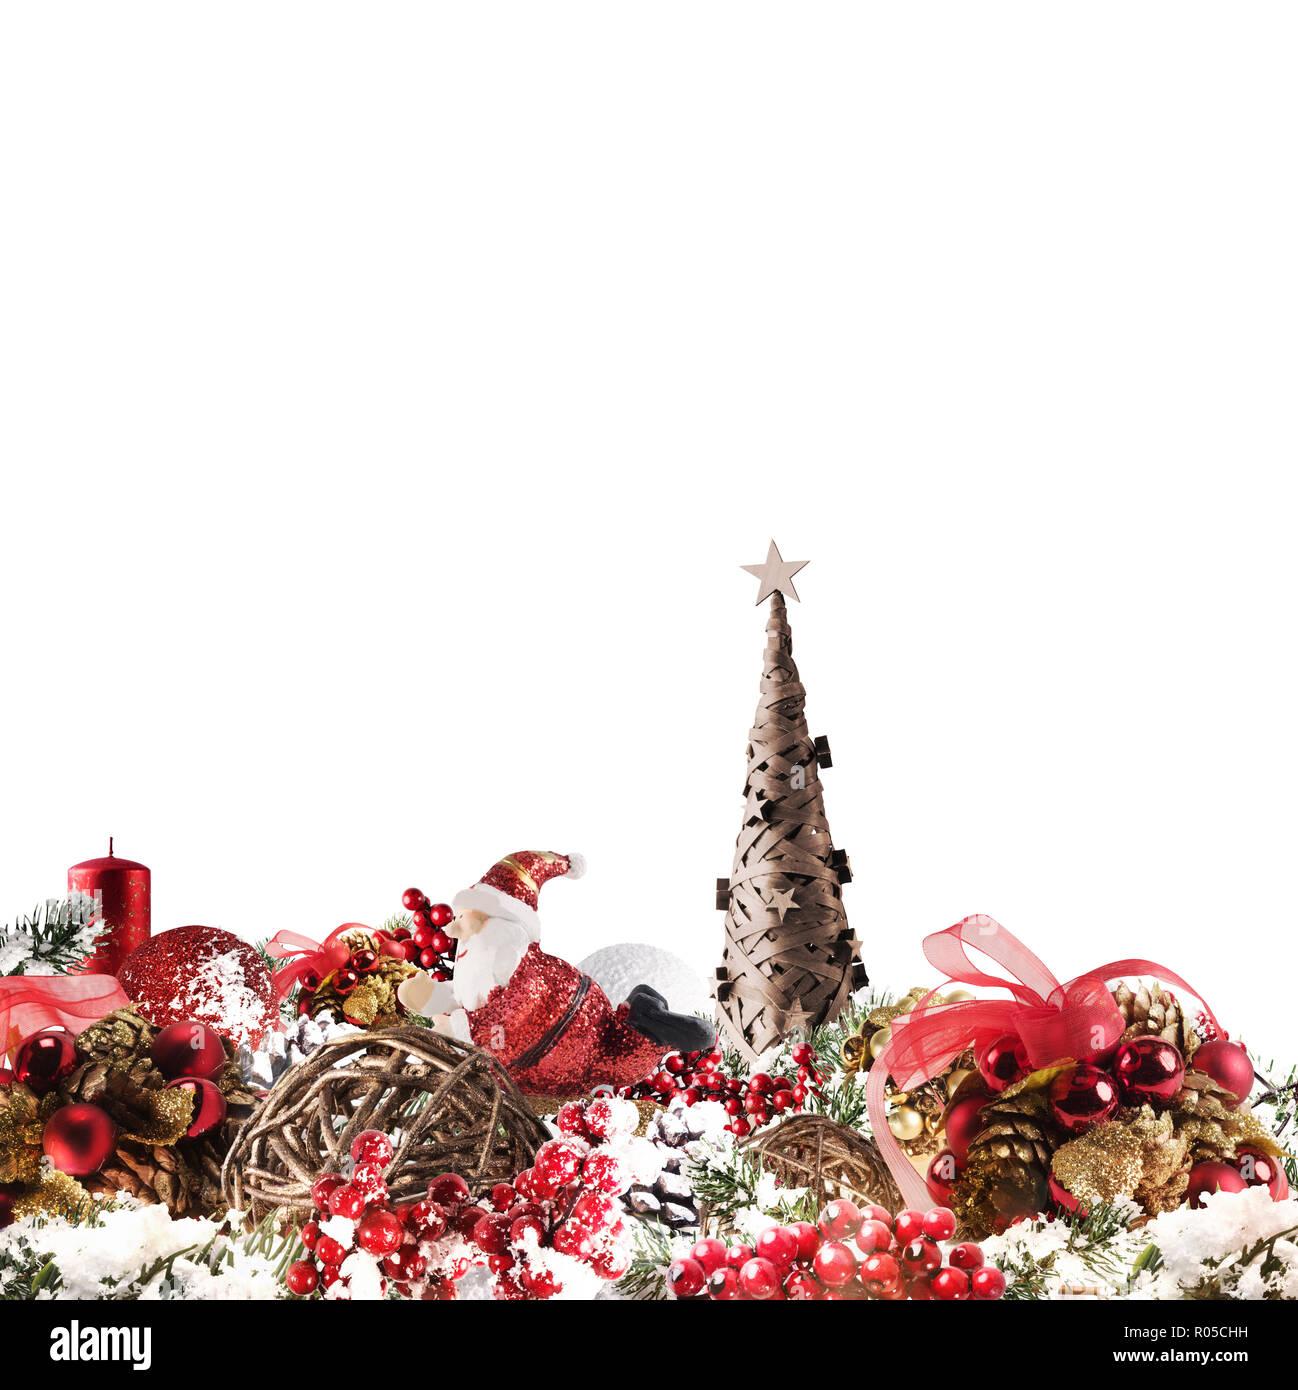 Noël arrière-plan concept. Décorations de Noël brillant avec arbre, Père Noël et des bougies Photo Stock